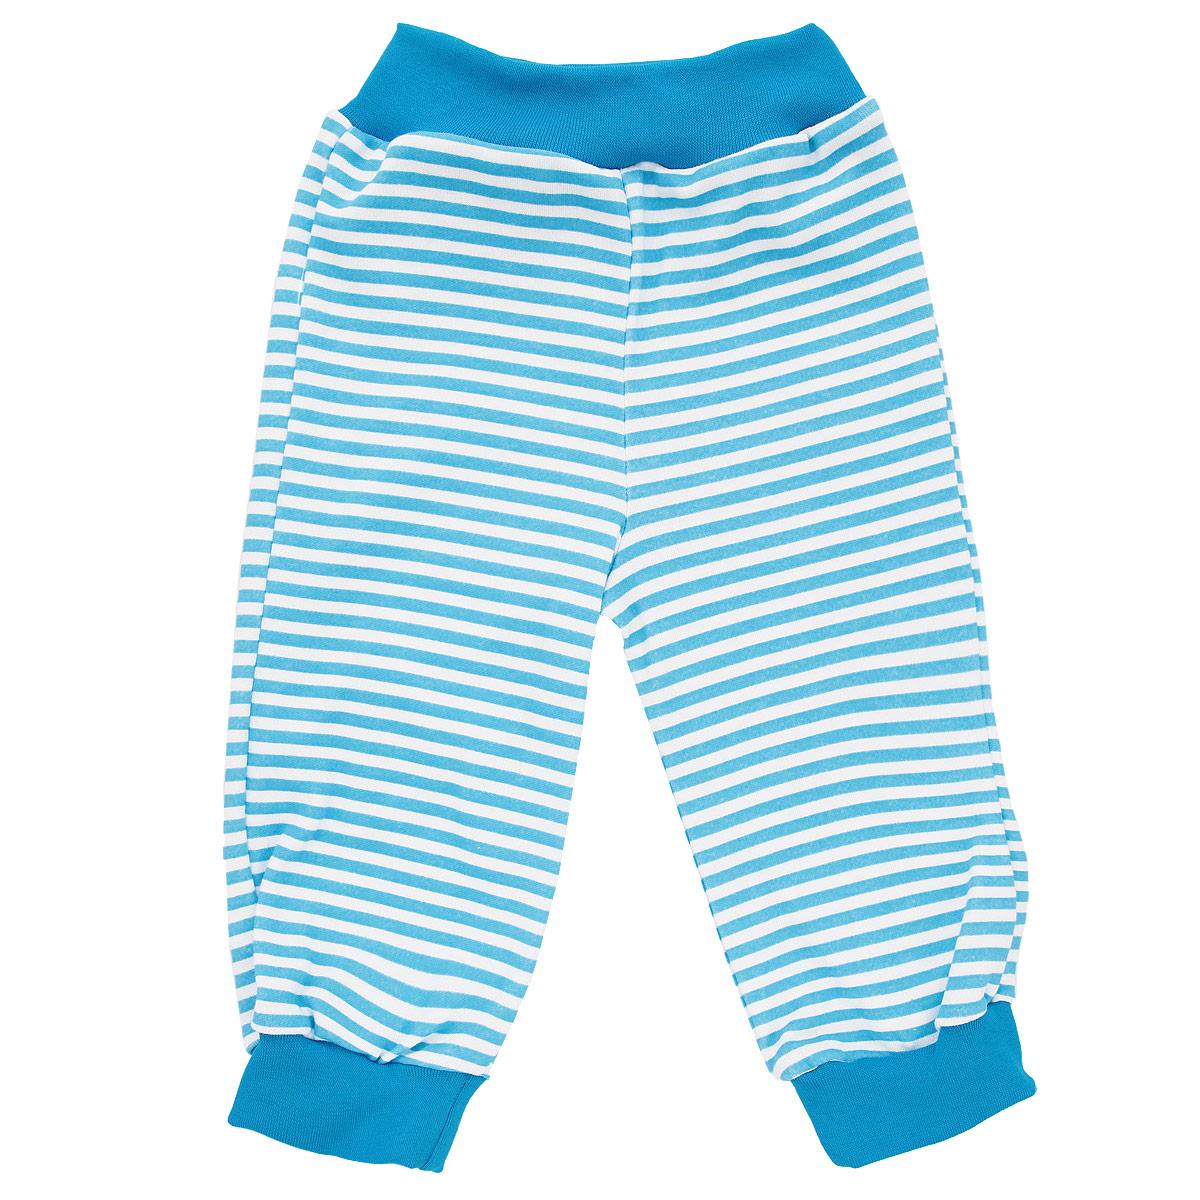 Штанишки на широком поясе для мальчика. 35423542Удобные штанишки для мальчика КотМарКот на широком поясе послужат идеальным дополнением к гардеробу вашего малыша. Штанишки, изготовленные из натурального хлопка - интерлока, необычайно мягкие и легкие, не раздражают нежную кожу ребенка и хорошо вентилируются, а эластичные швы приятны телу младенца и не препятствуют его движениям. Штанишки благодаря мягкому эластичному поясу не сдавливают животик ребенка и не сползают, обеспечивая ему наибольший комфорт, идеально подходят для ношения с подгузником и без него. Снизу брючины дополнены широкими трикотажными манжетами, не пережимающими ножку. Оформлено изделие принтом в полоску. Штанишки очень удобный и практичный вид одежды для малышей, которые уже немного подросли. Отлично сочетаются с футболками, кофточками и боди. В таких штанишках вашему малышу будет уютно и комфортно!